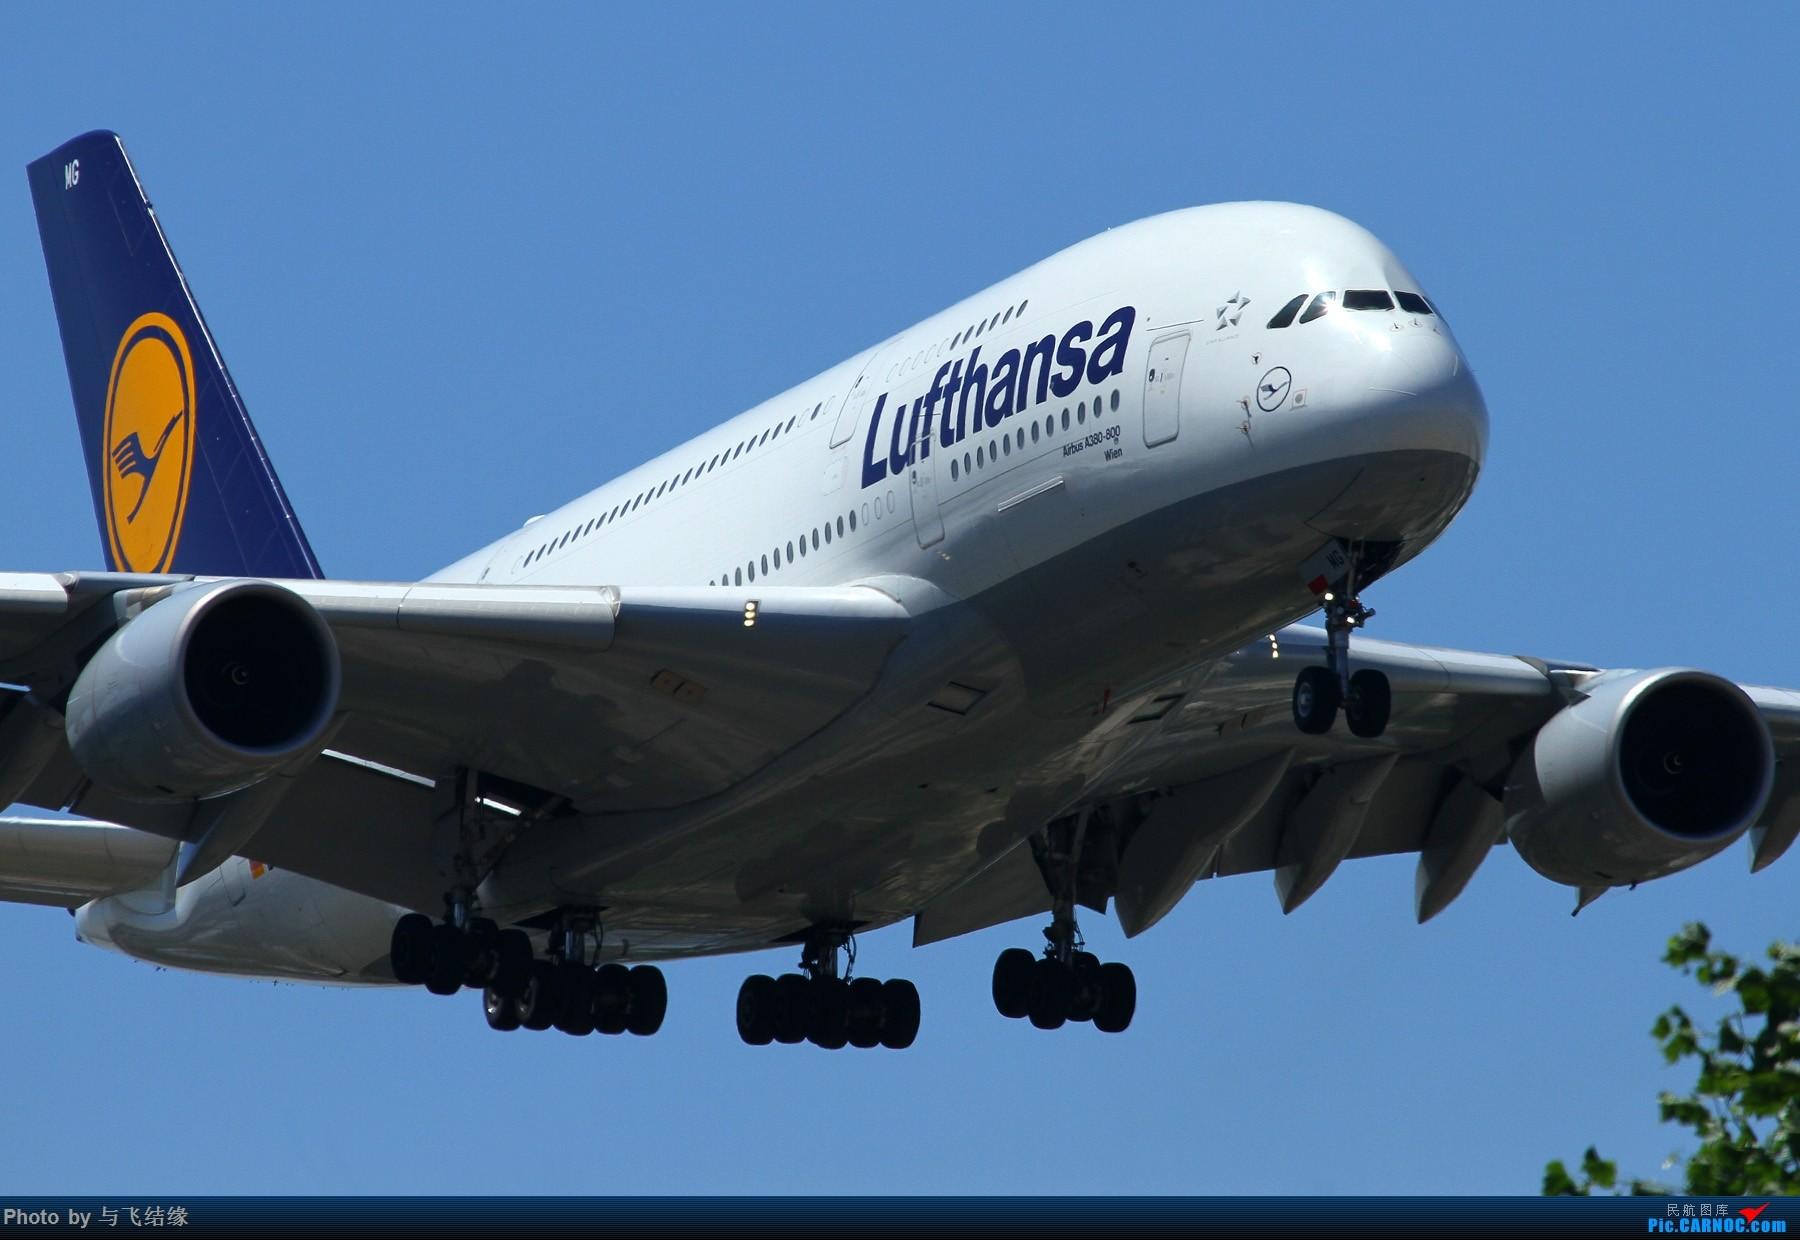 [原创]近进中的汉莎航空Airbus A380-800,D-AIMG特写。 AIRBUS A380-800 D-AIMG 中国北京首都国际机场